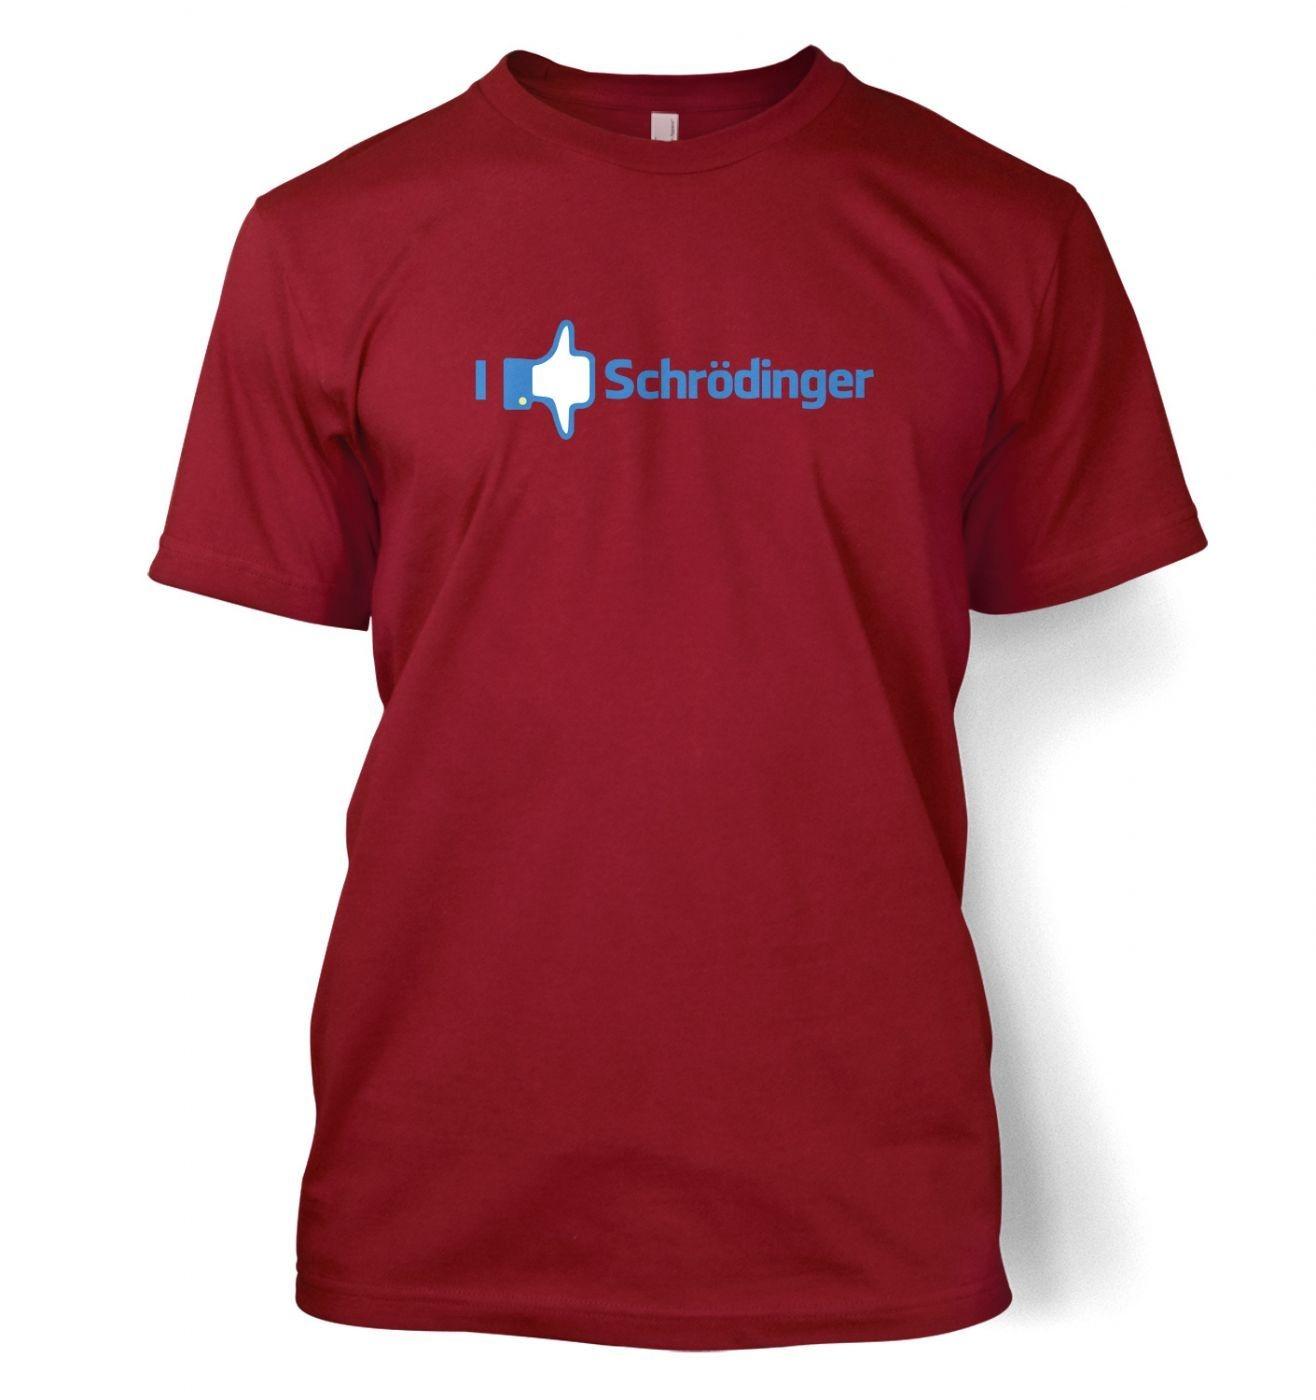 I Like Dislike Schrodinger men's t-shirt